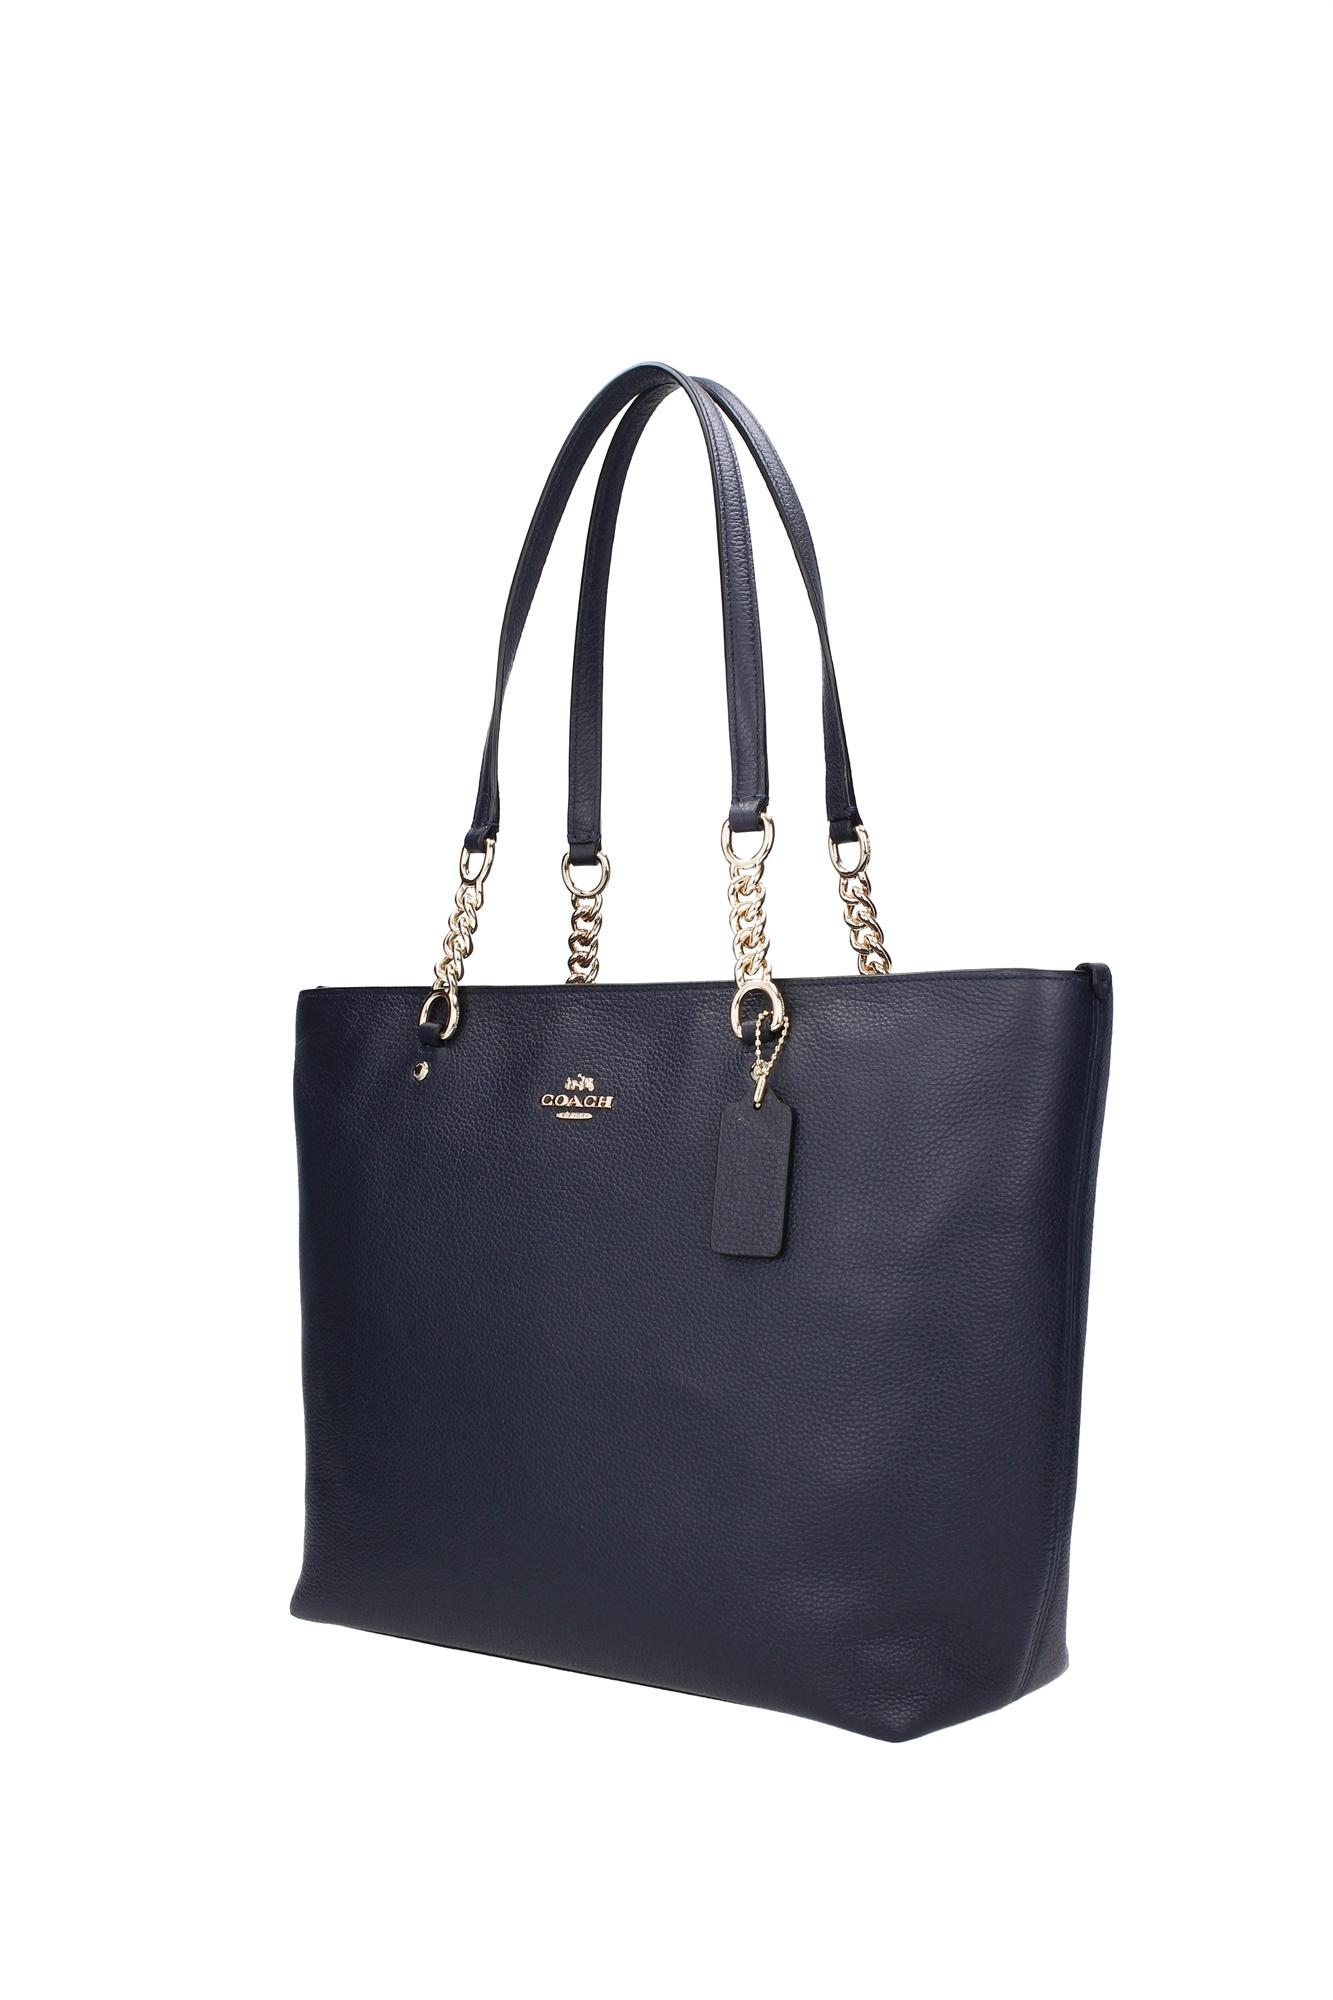 shopper taschen coach damen leder blau 36600linav ebay. Black Bedroom Furniture Sets. Home Design Ideas